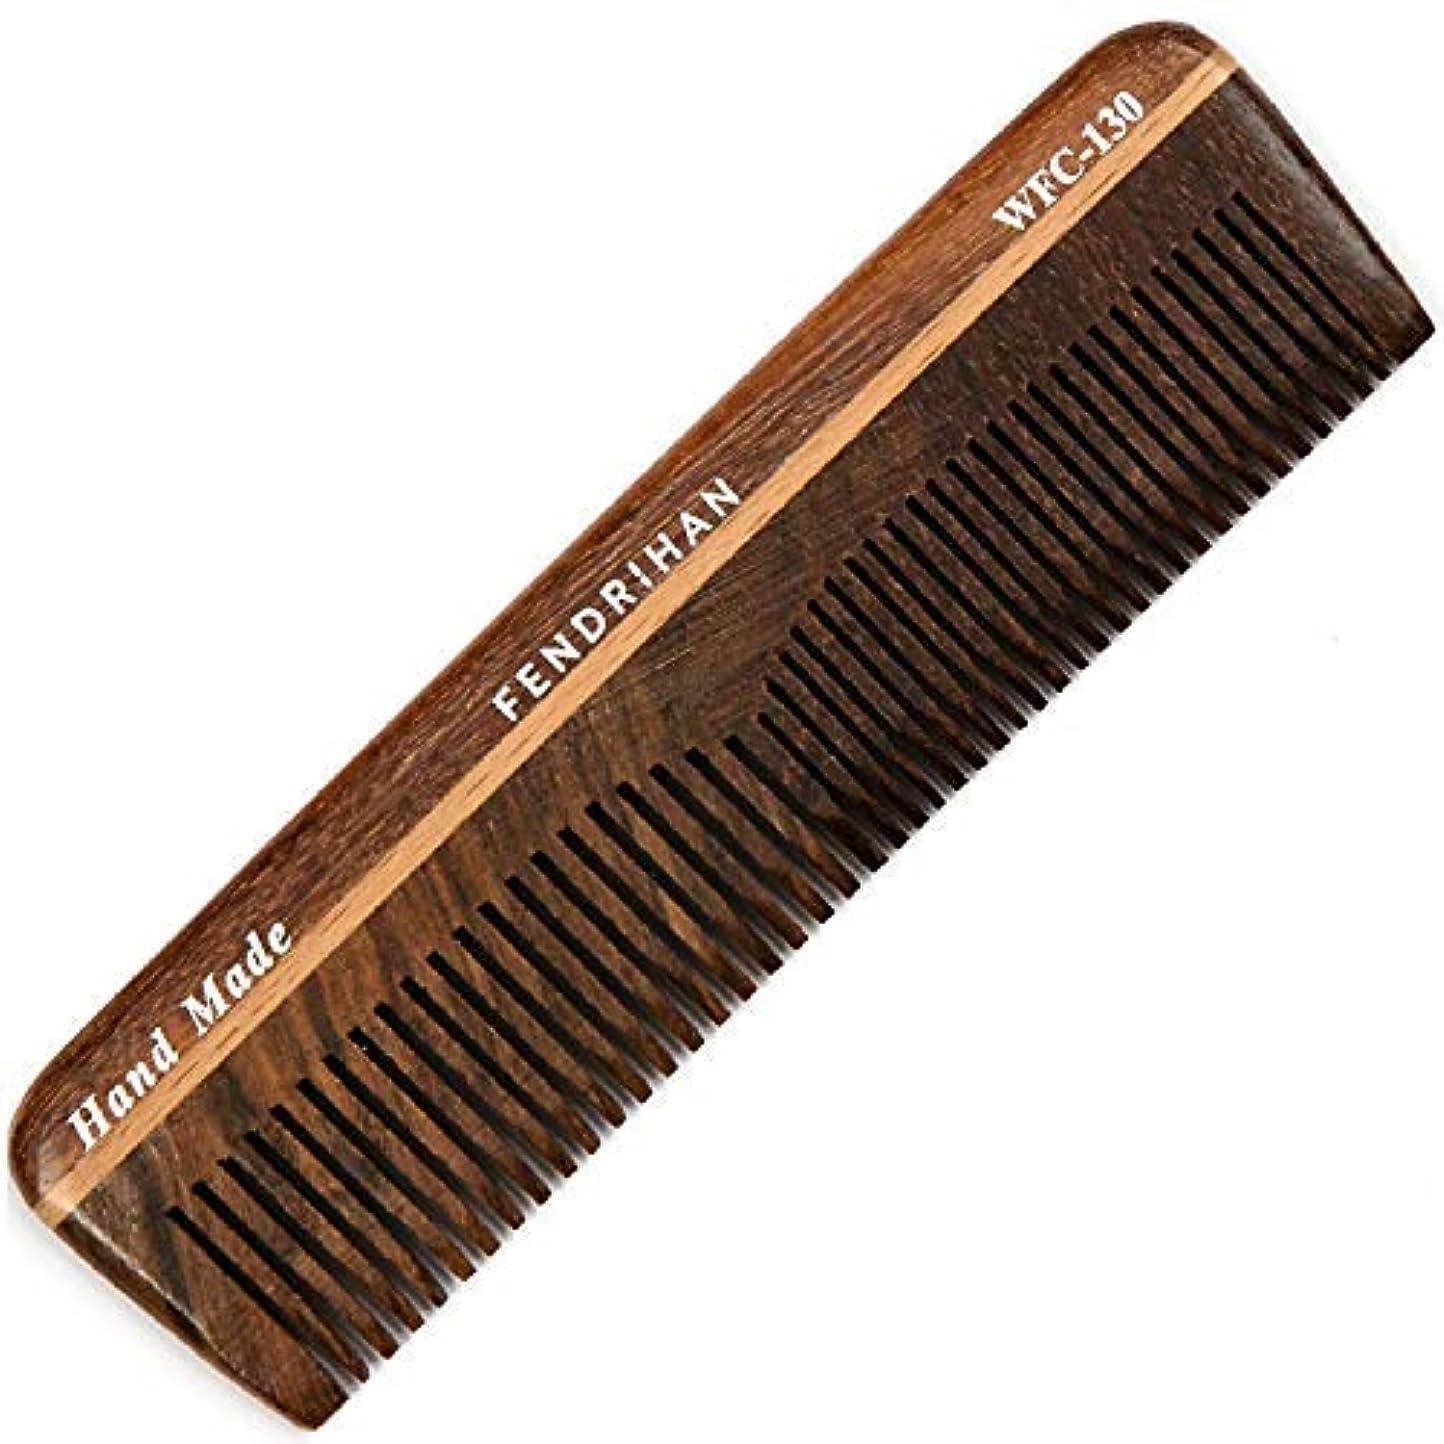 返済スクラップブックレインコートFendrihan Wooden Double-Tooth Pocket Barber Grooming Comb (5.1 Inches) [並行輸入品]